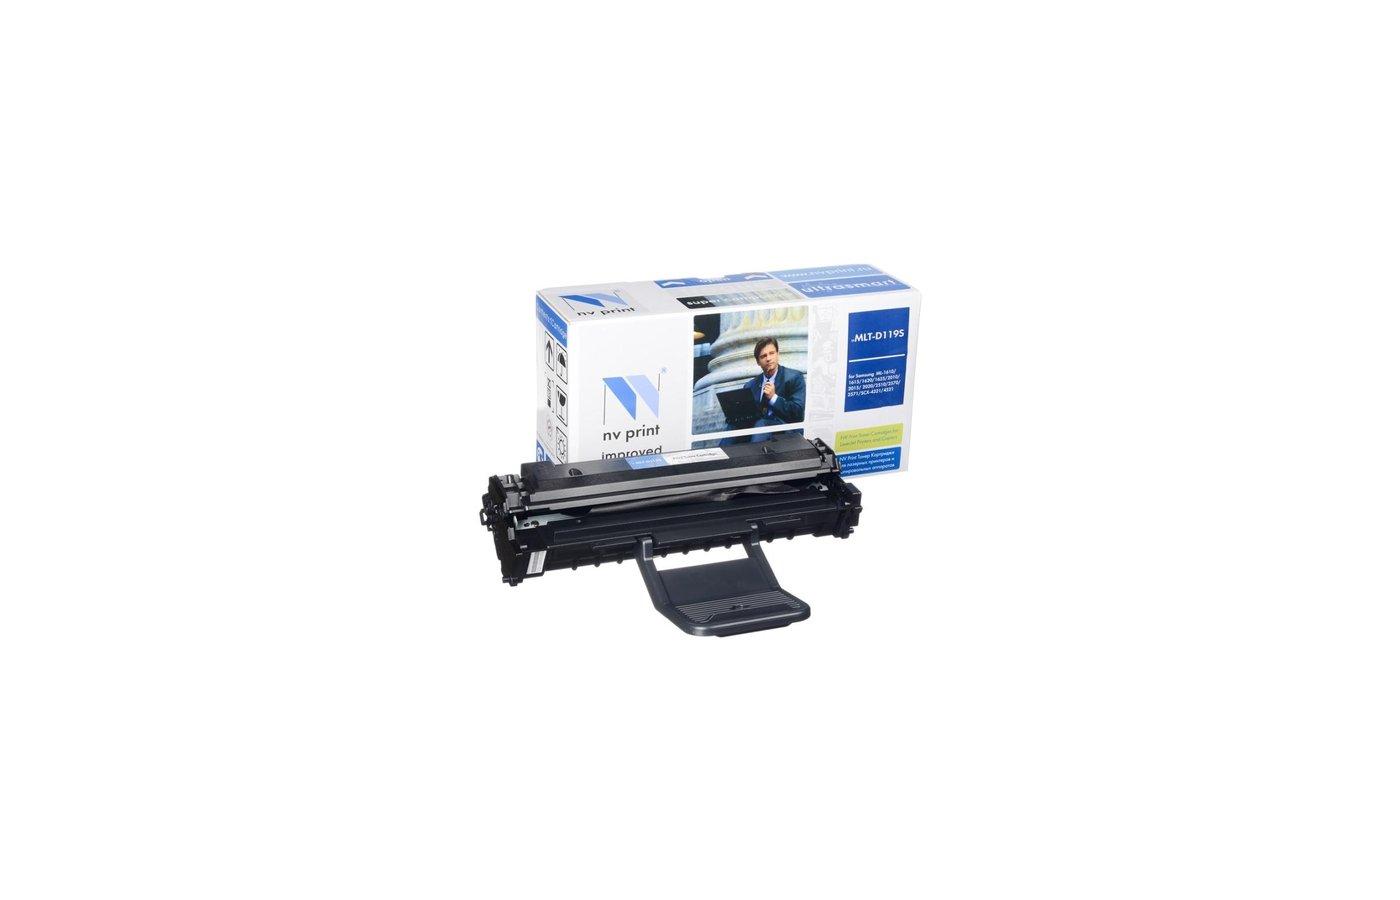 Картридж лазерный NV-Print совместимый для Samsung MLT-D119S для ML-1610/1615/1620/1625/ML-2010/2015/2020/ 2510/2570/2